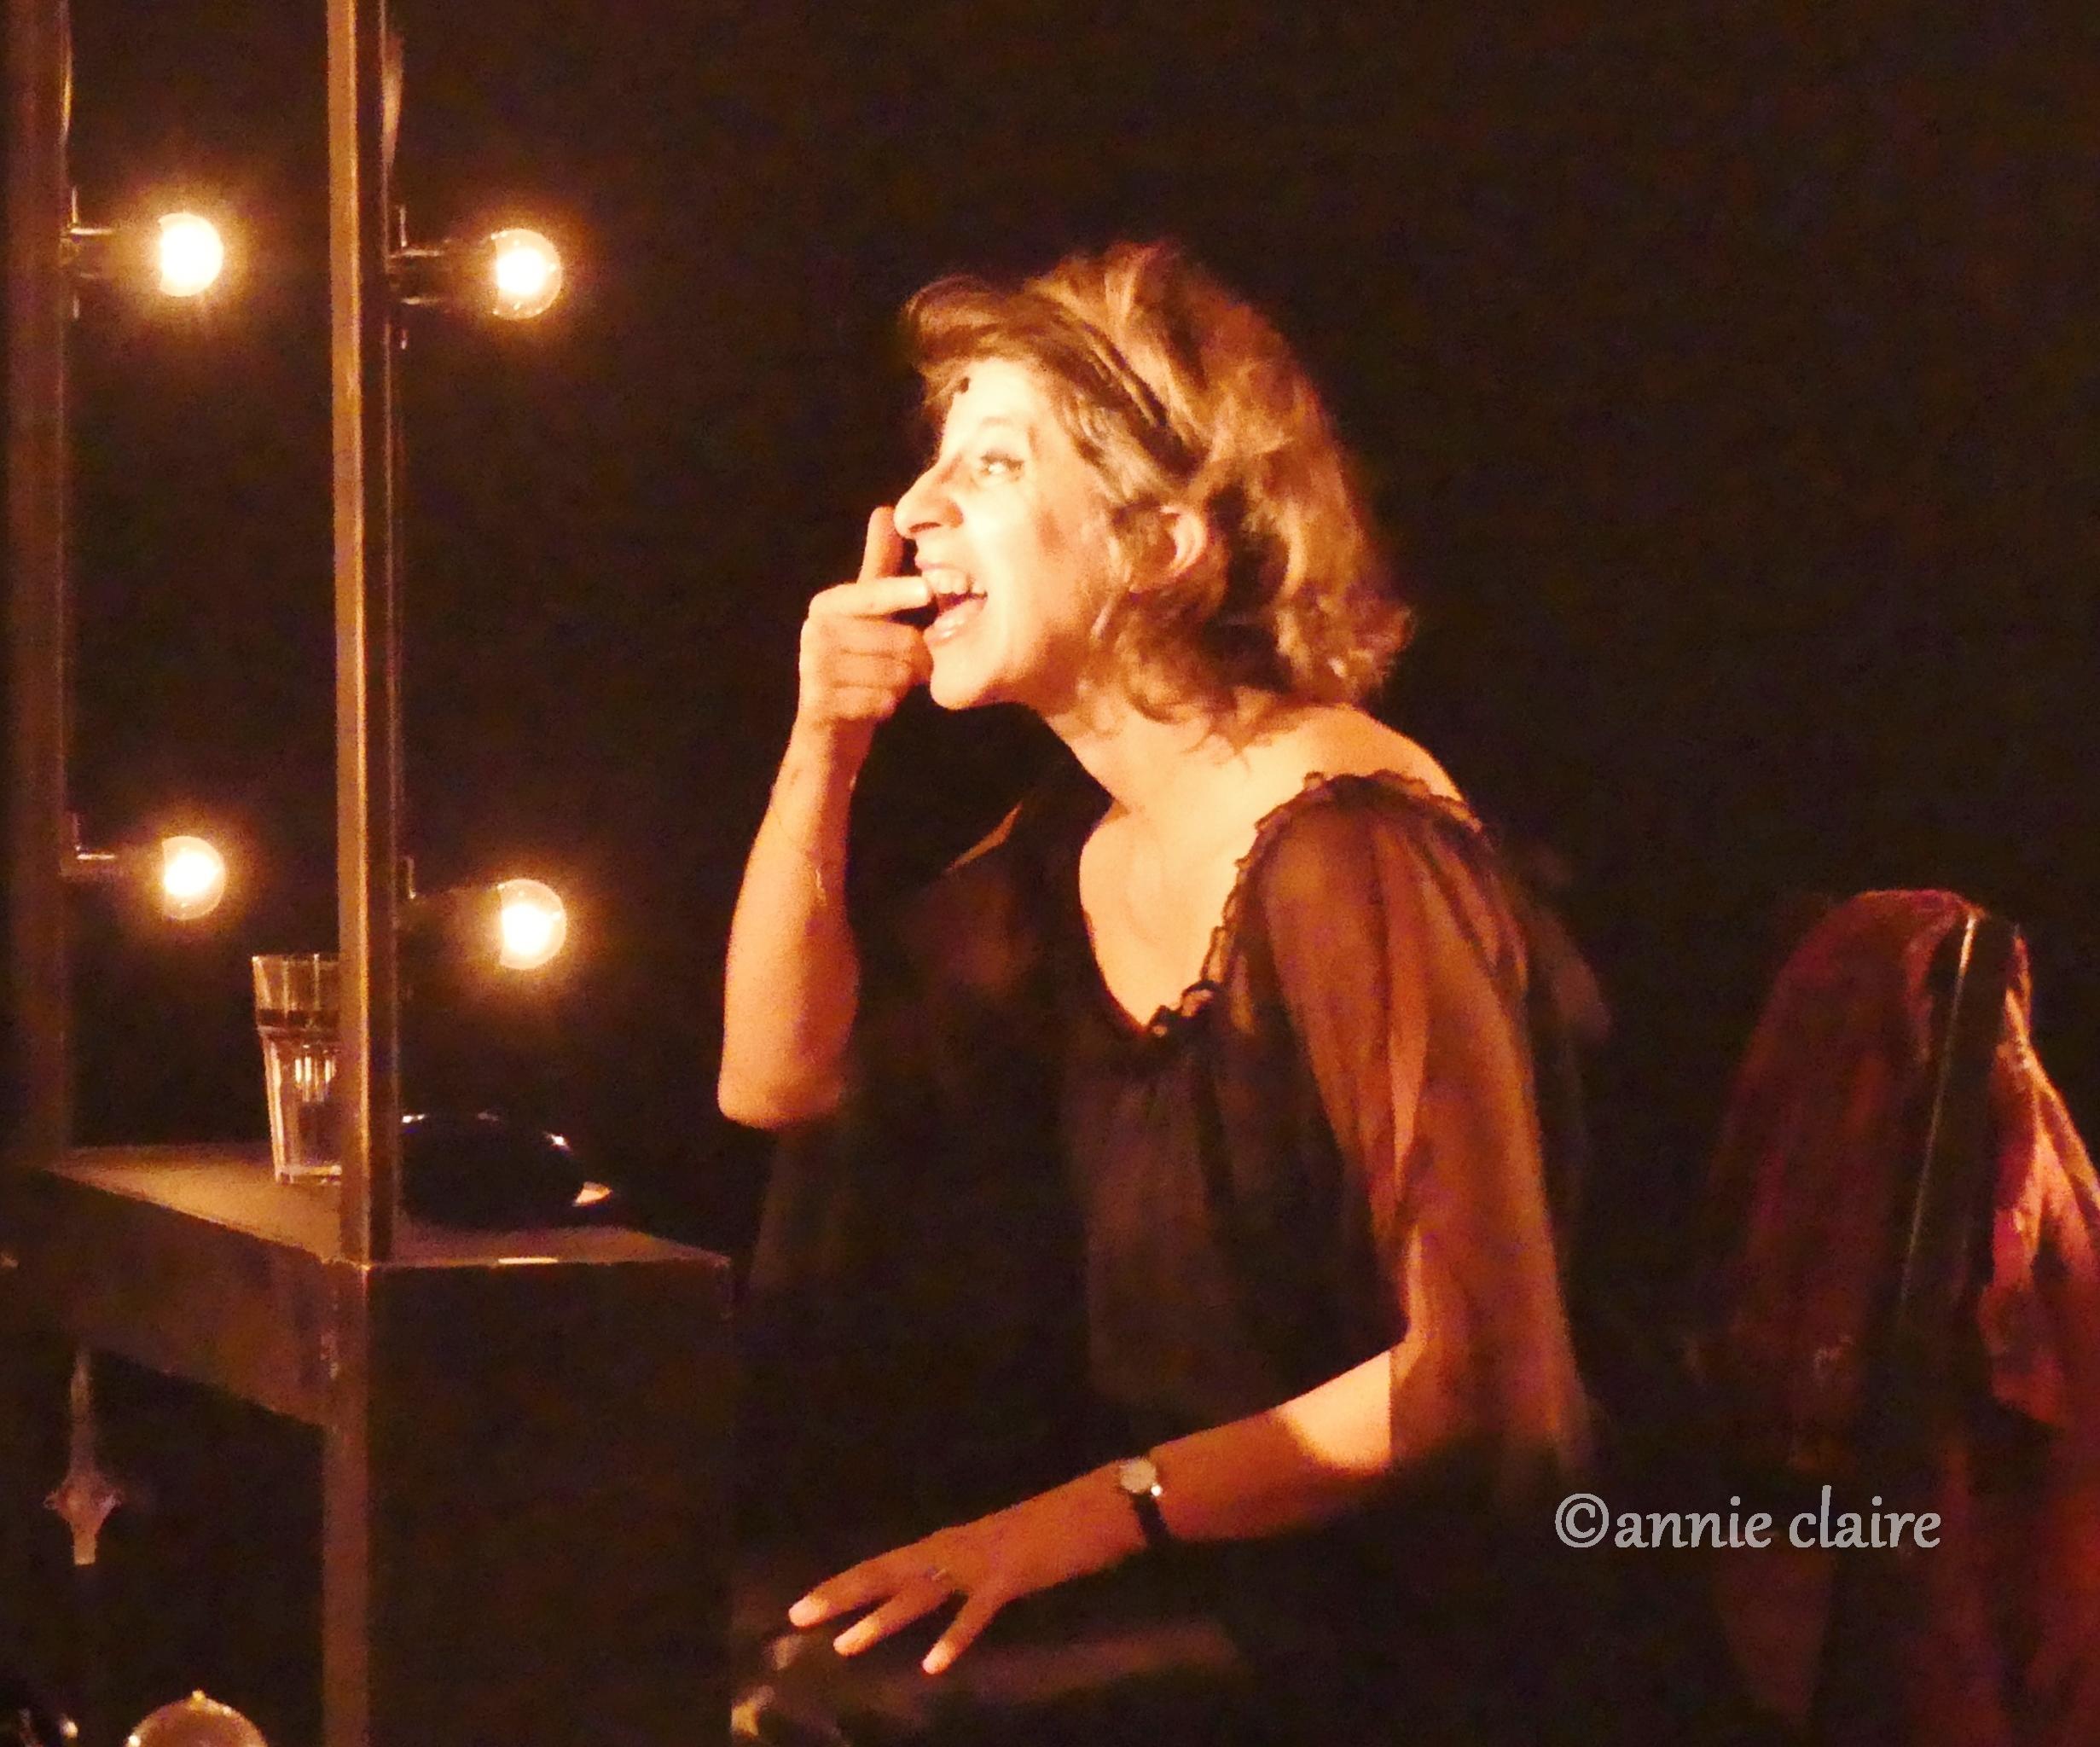 Elsa Gelly au Café de la Danse ©annie claire 18.10.2016